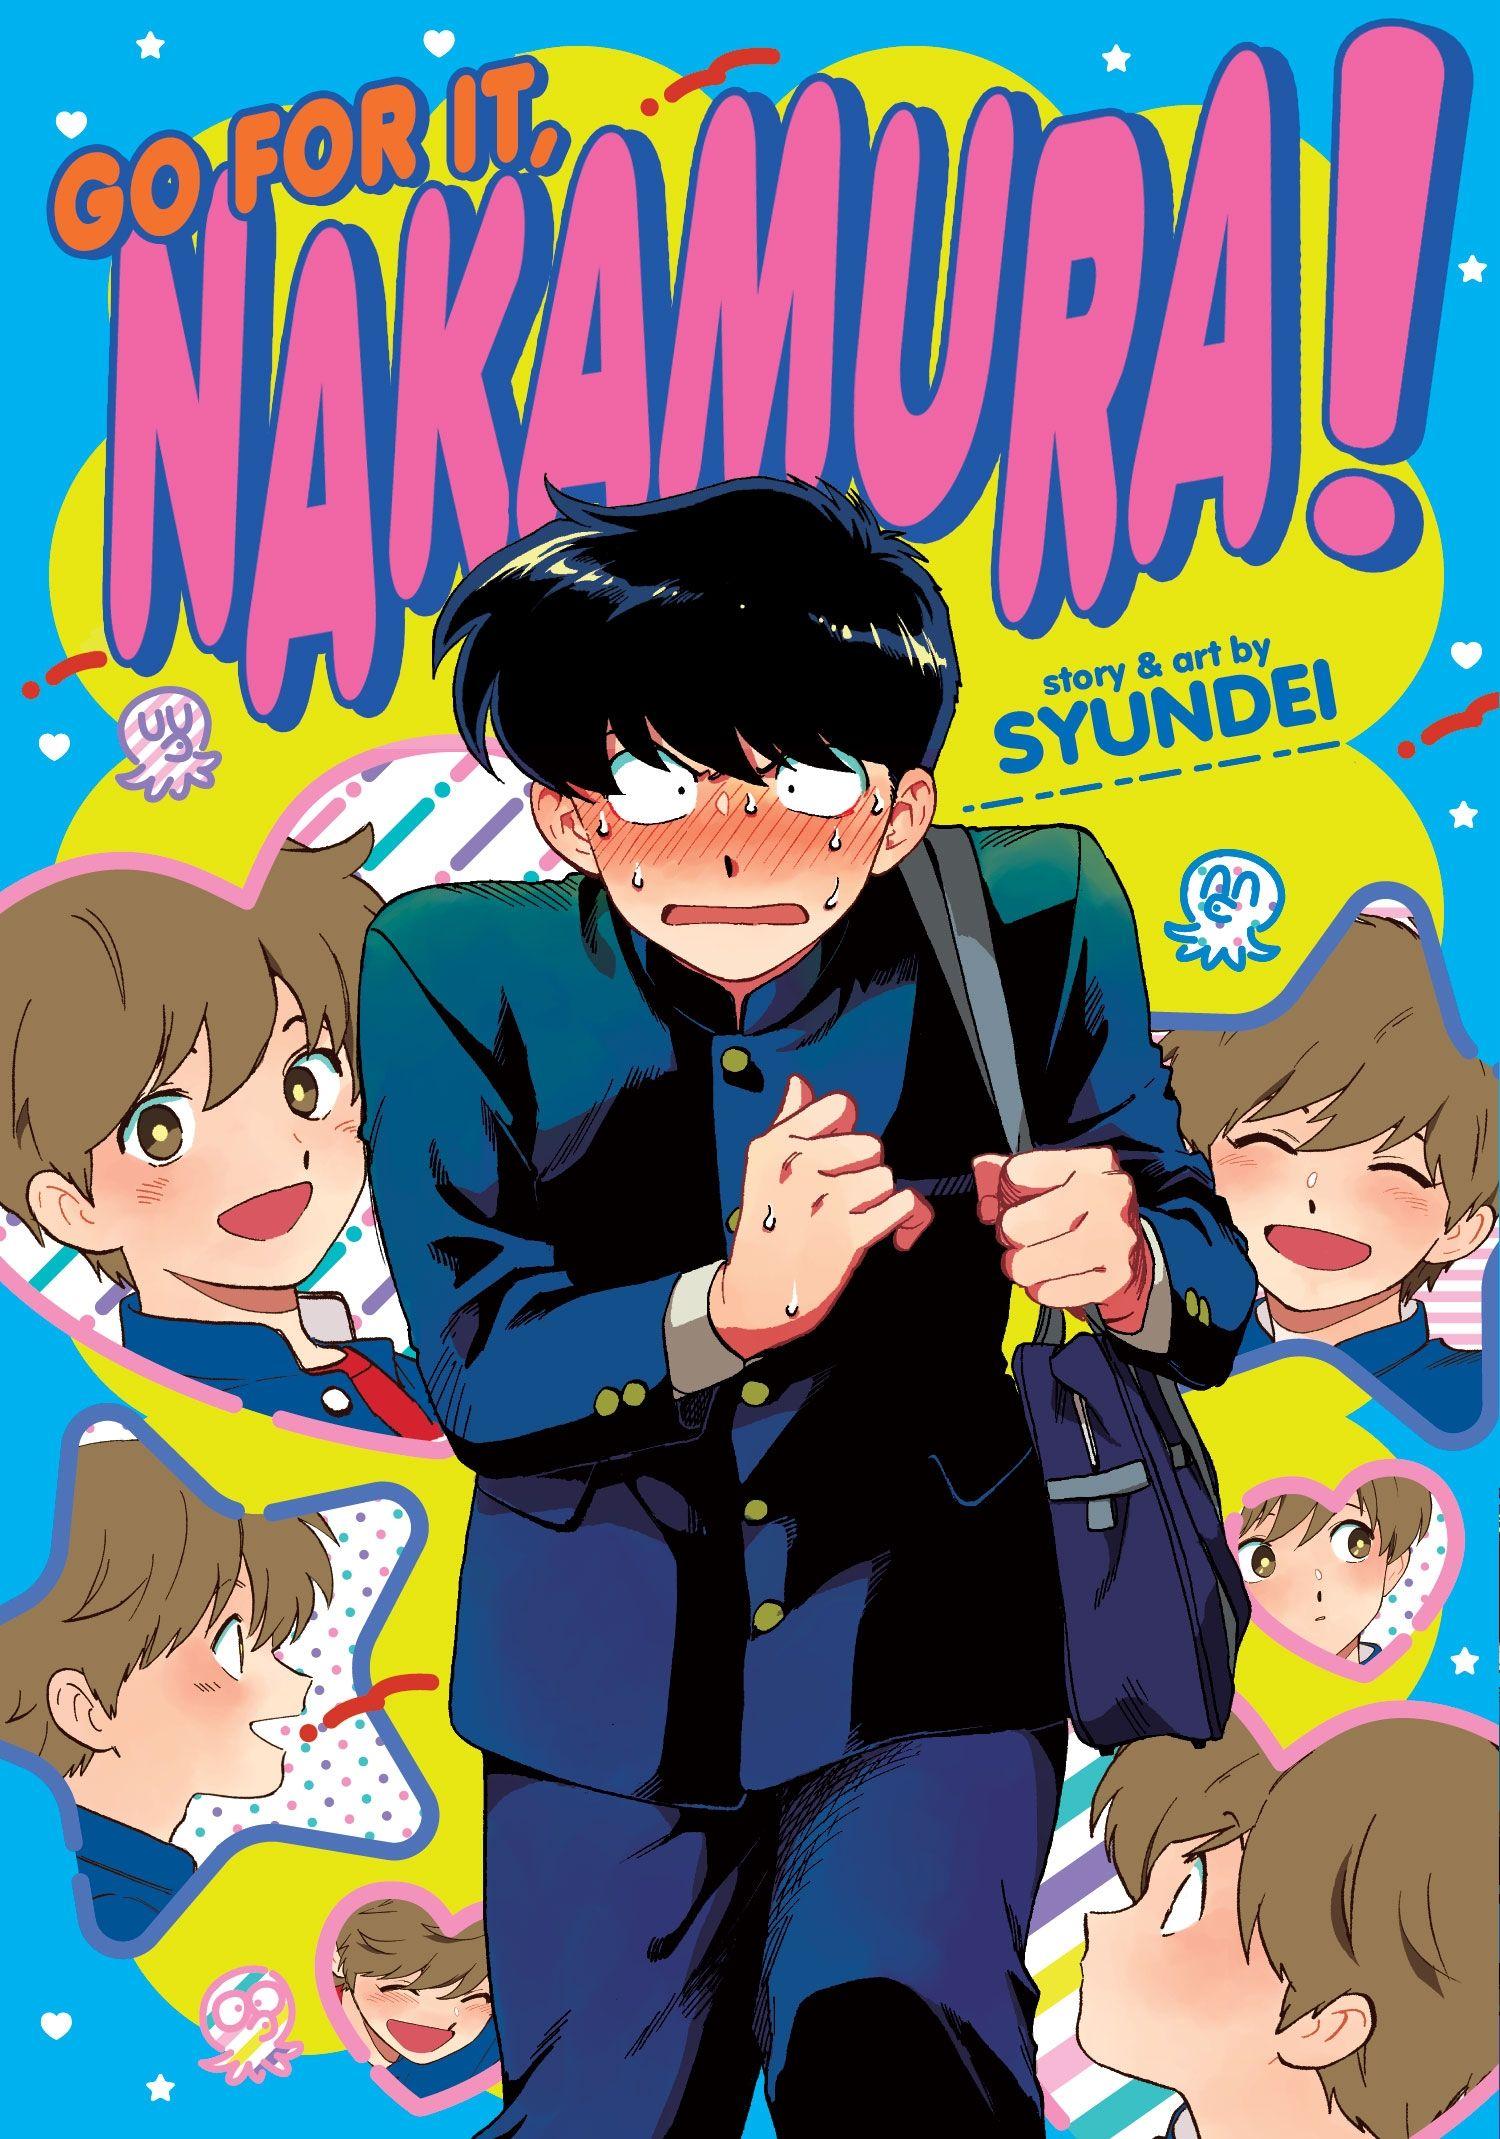 Go for It, Nakamura! - Walmart.com